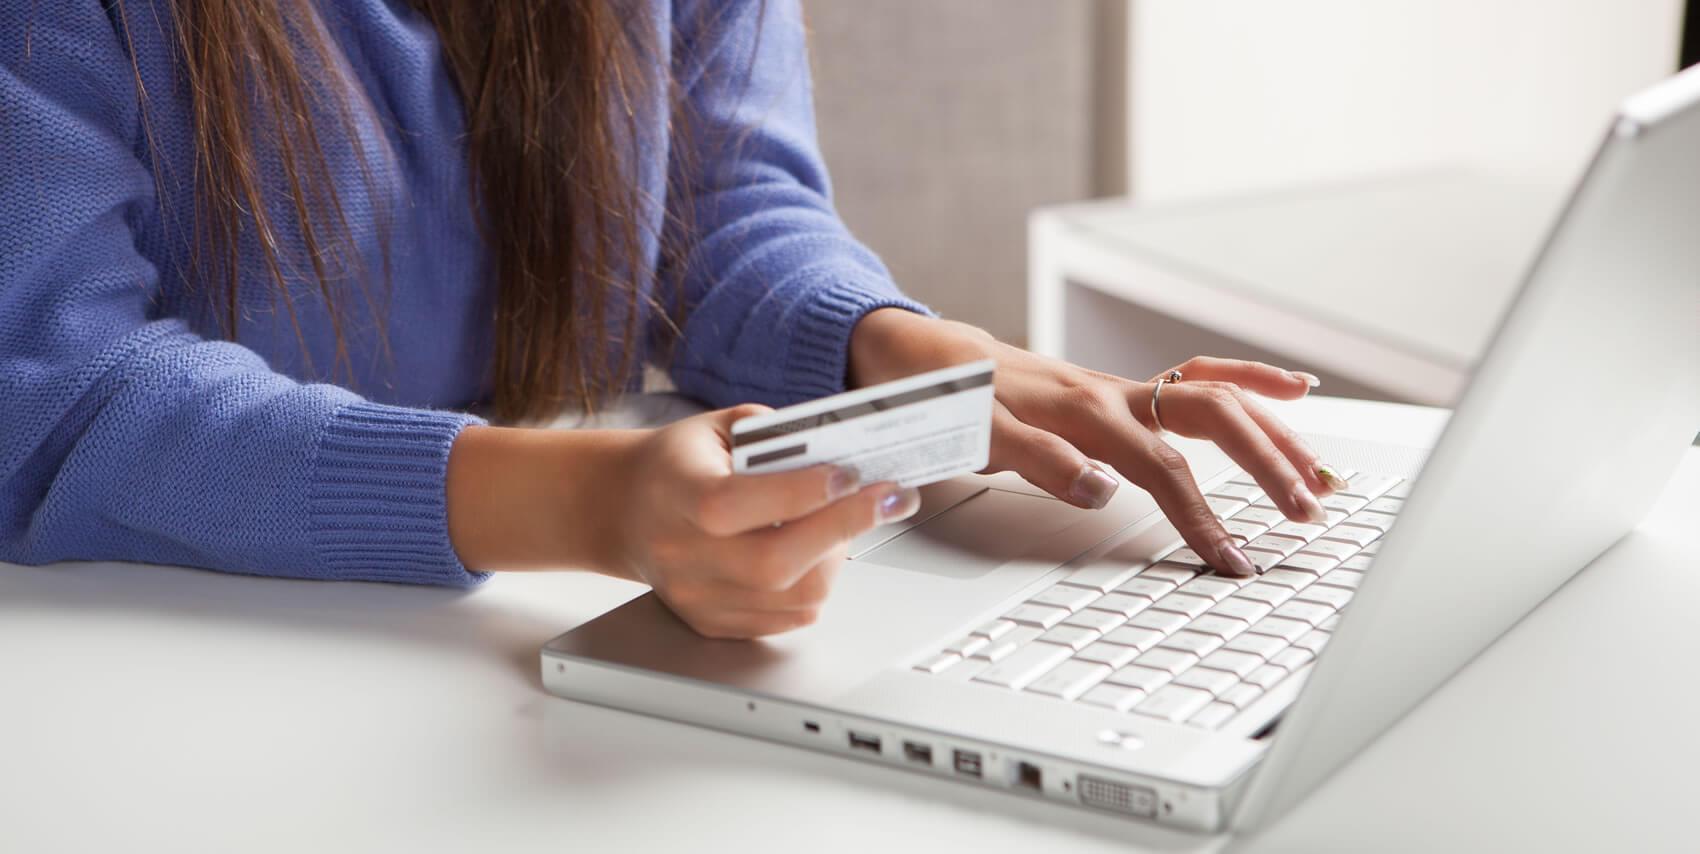 Comprando na Internet